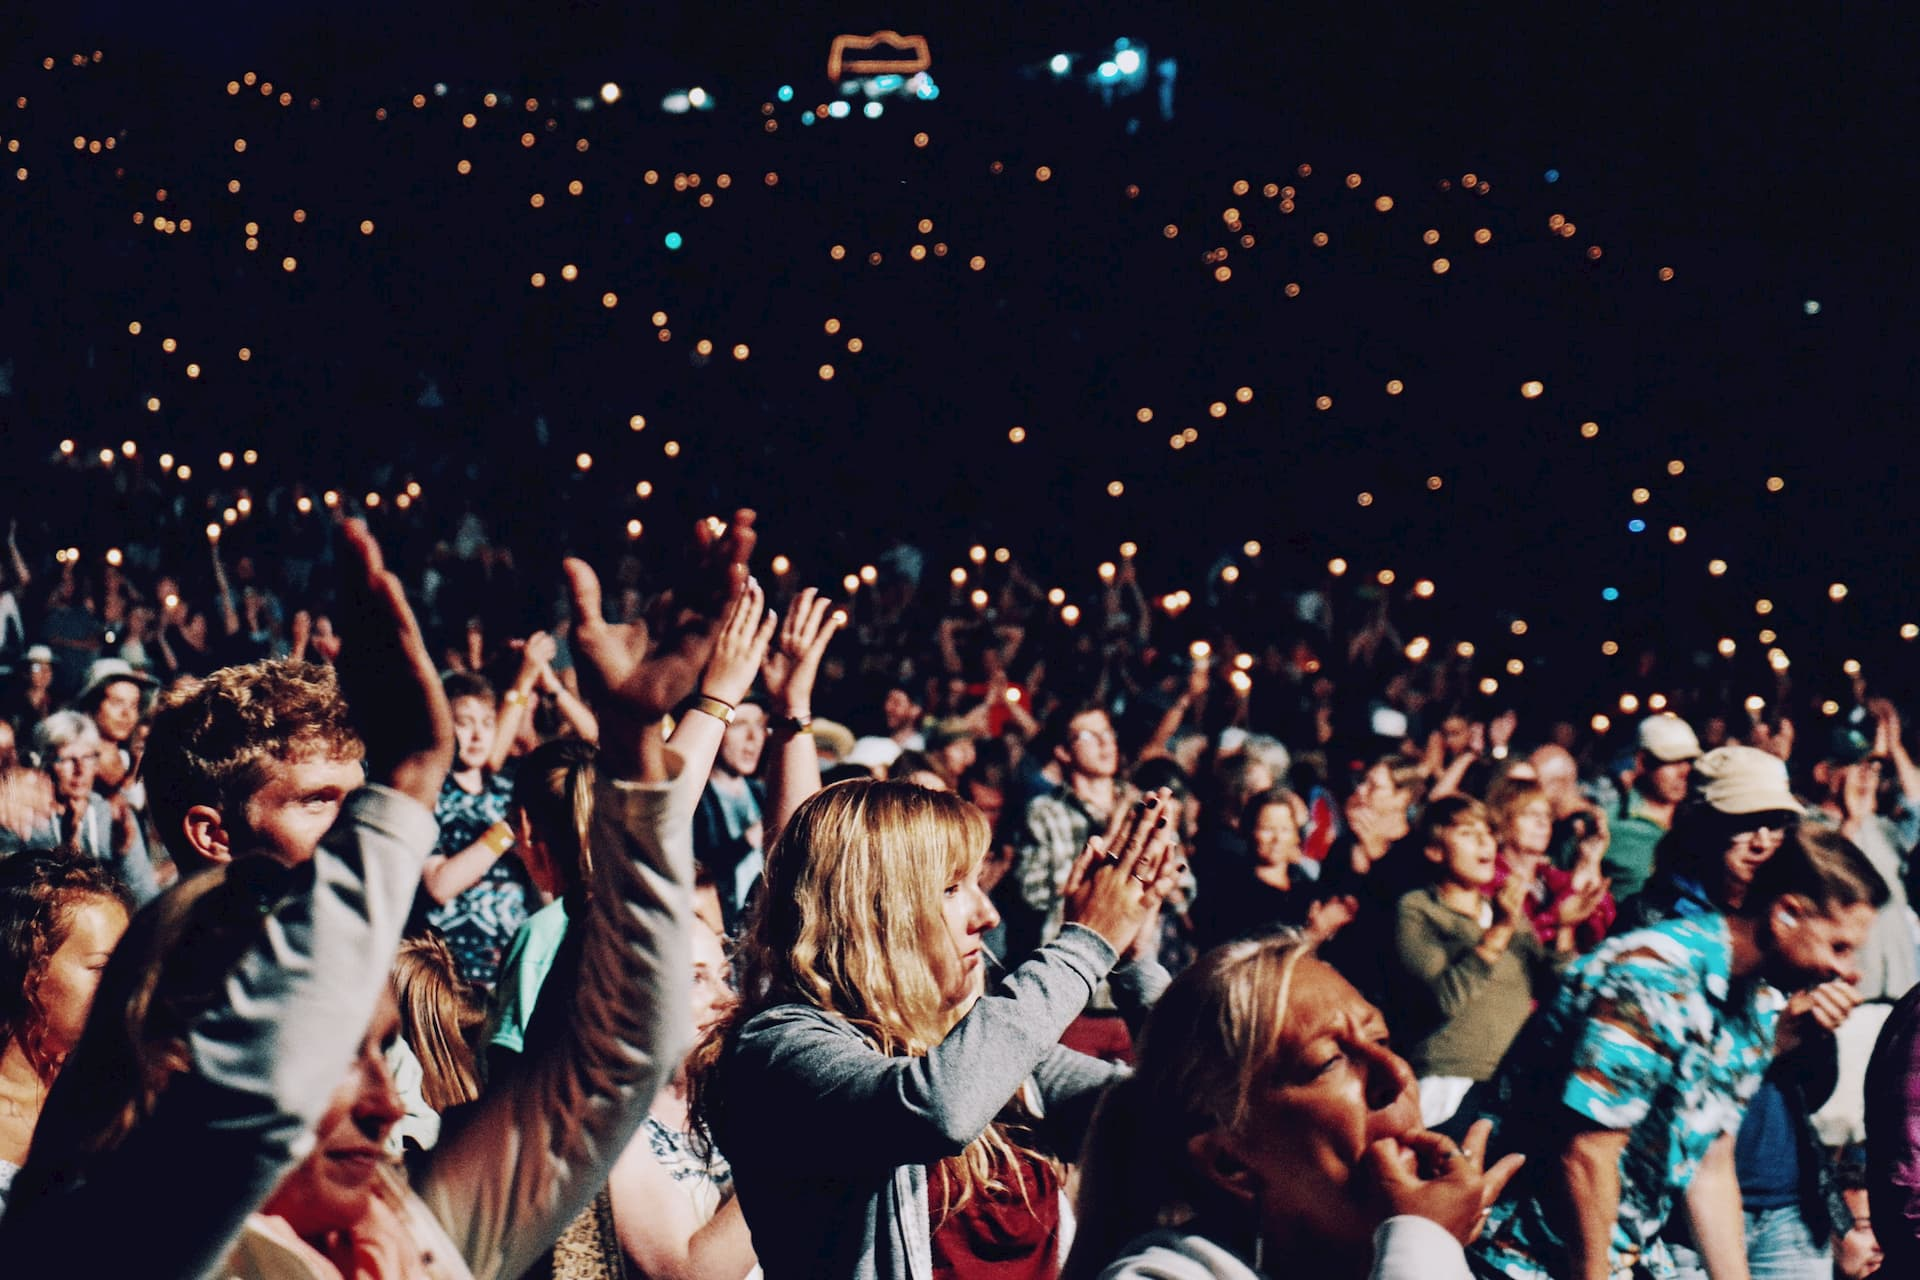 10 evenimente cu intrare liberă la care poți merge până la finalul anului în Cluj